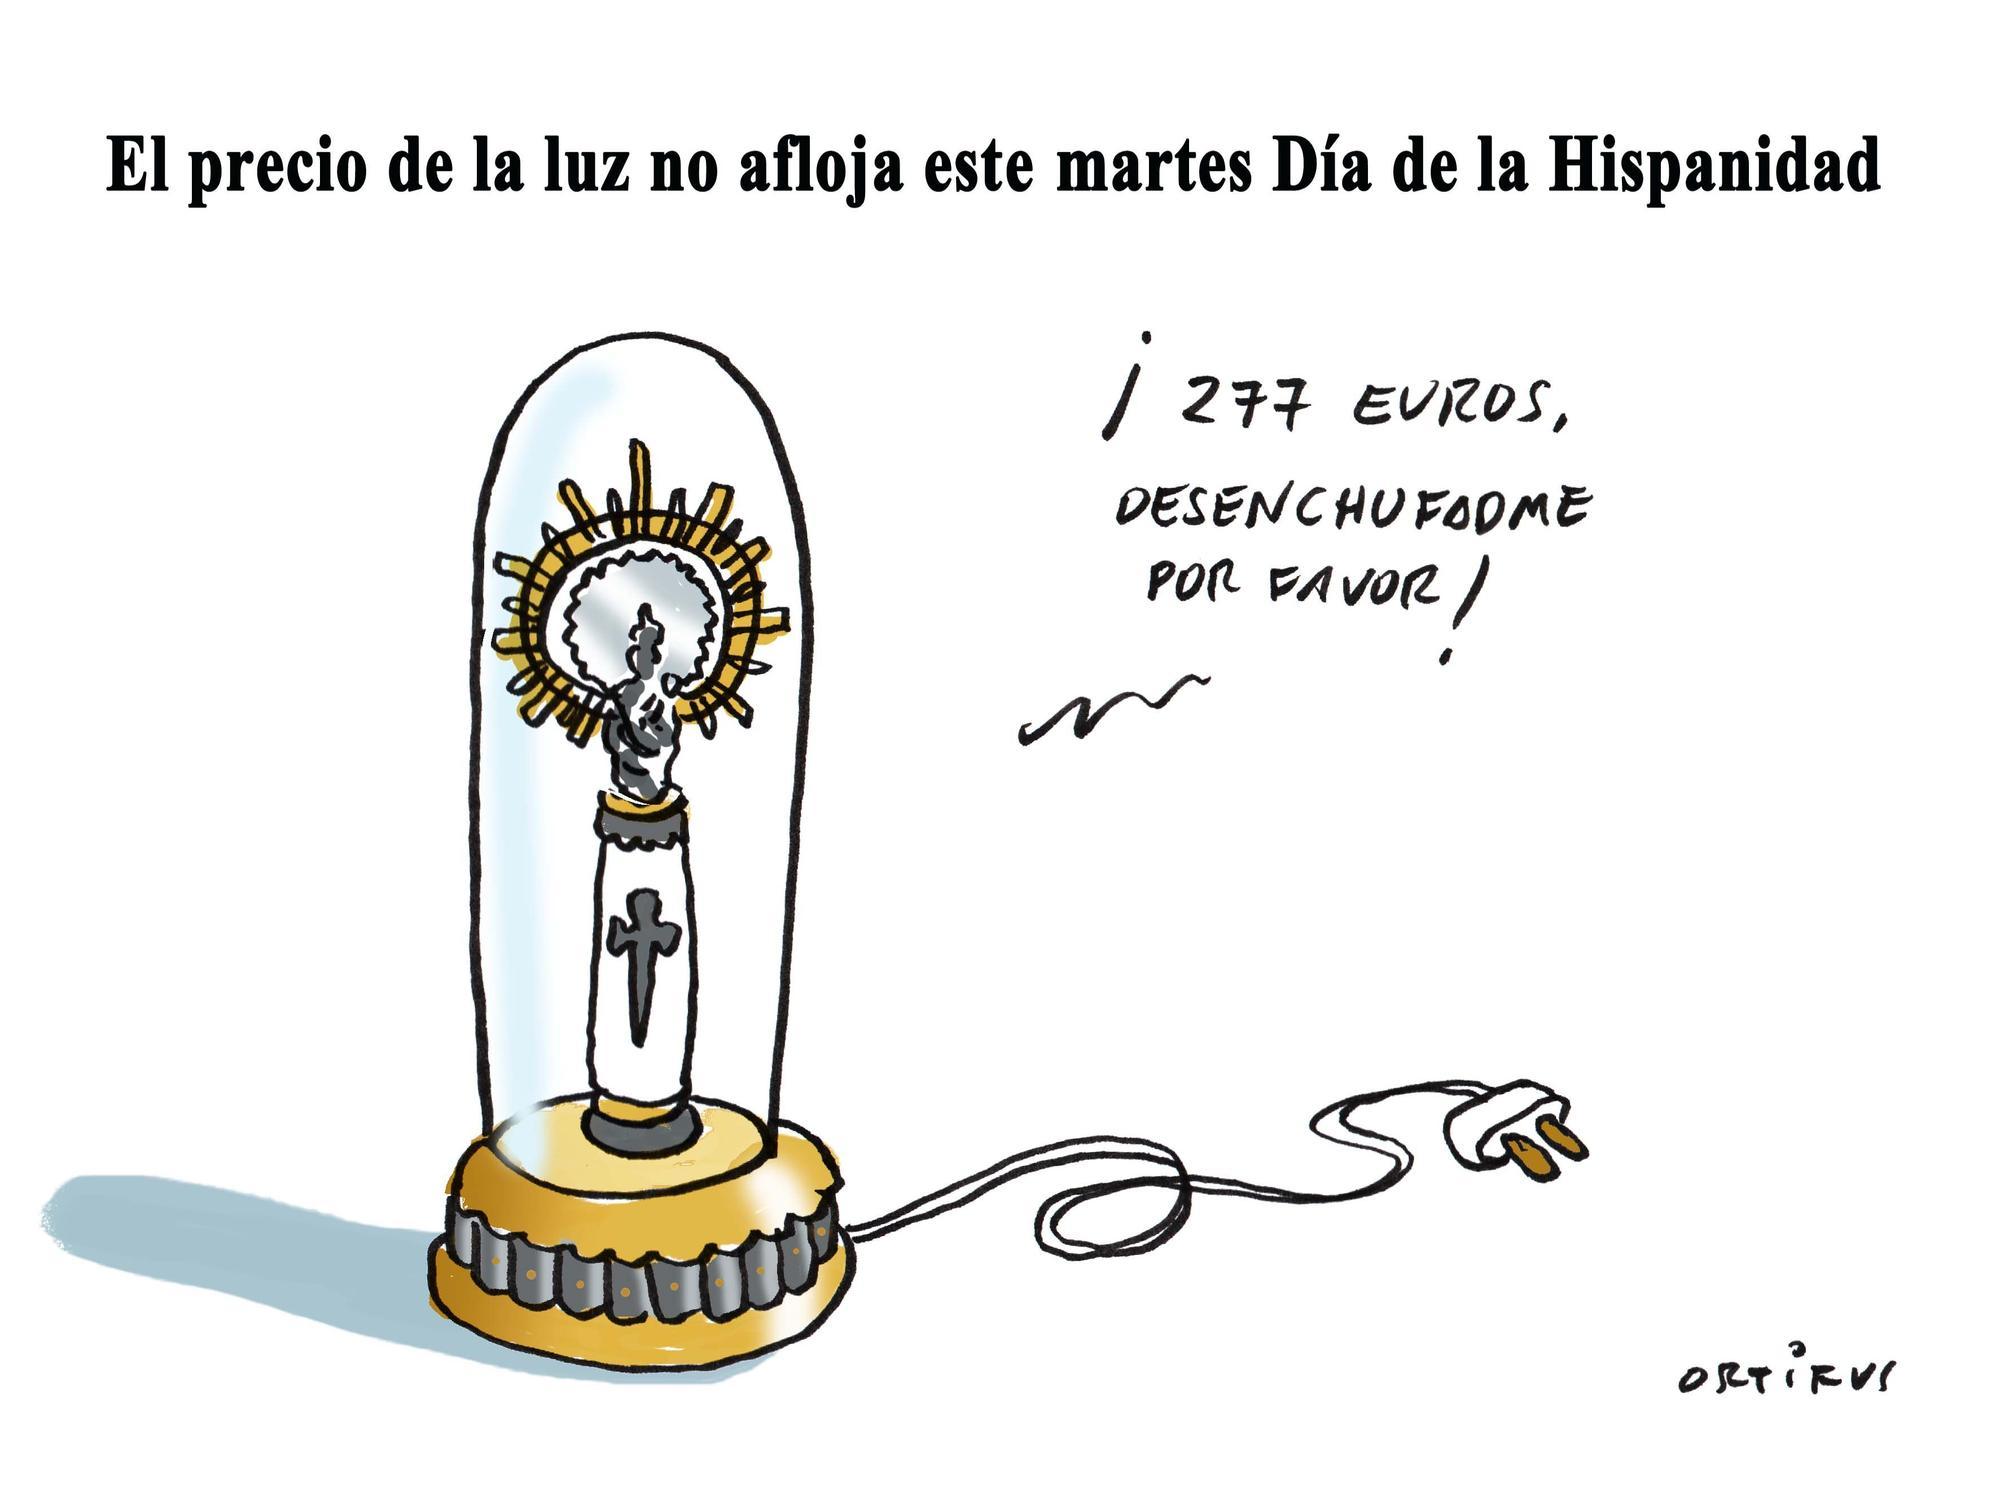 El precio de la luz no afloja este martes Día de la Hispanidad